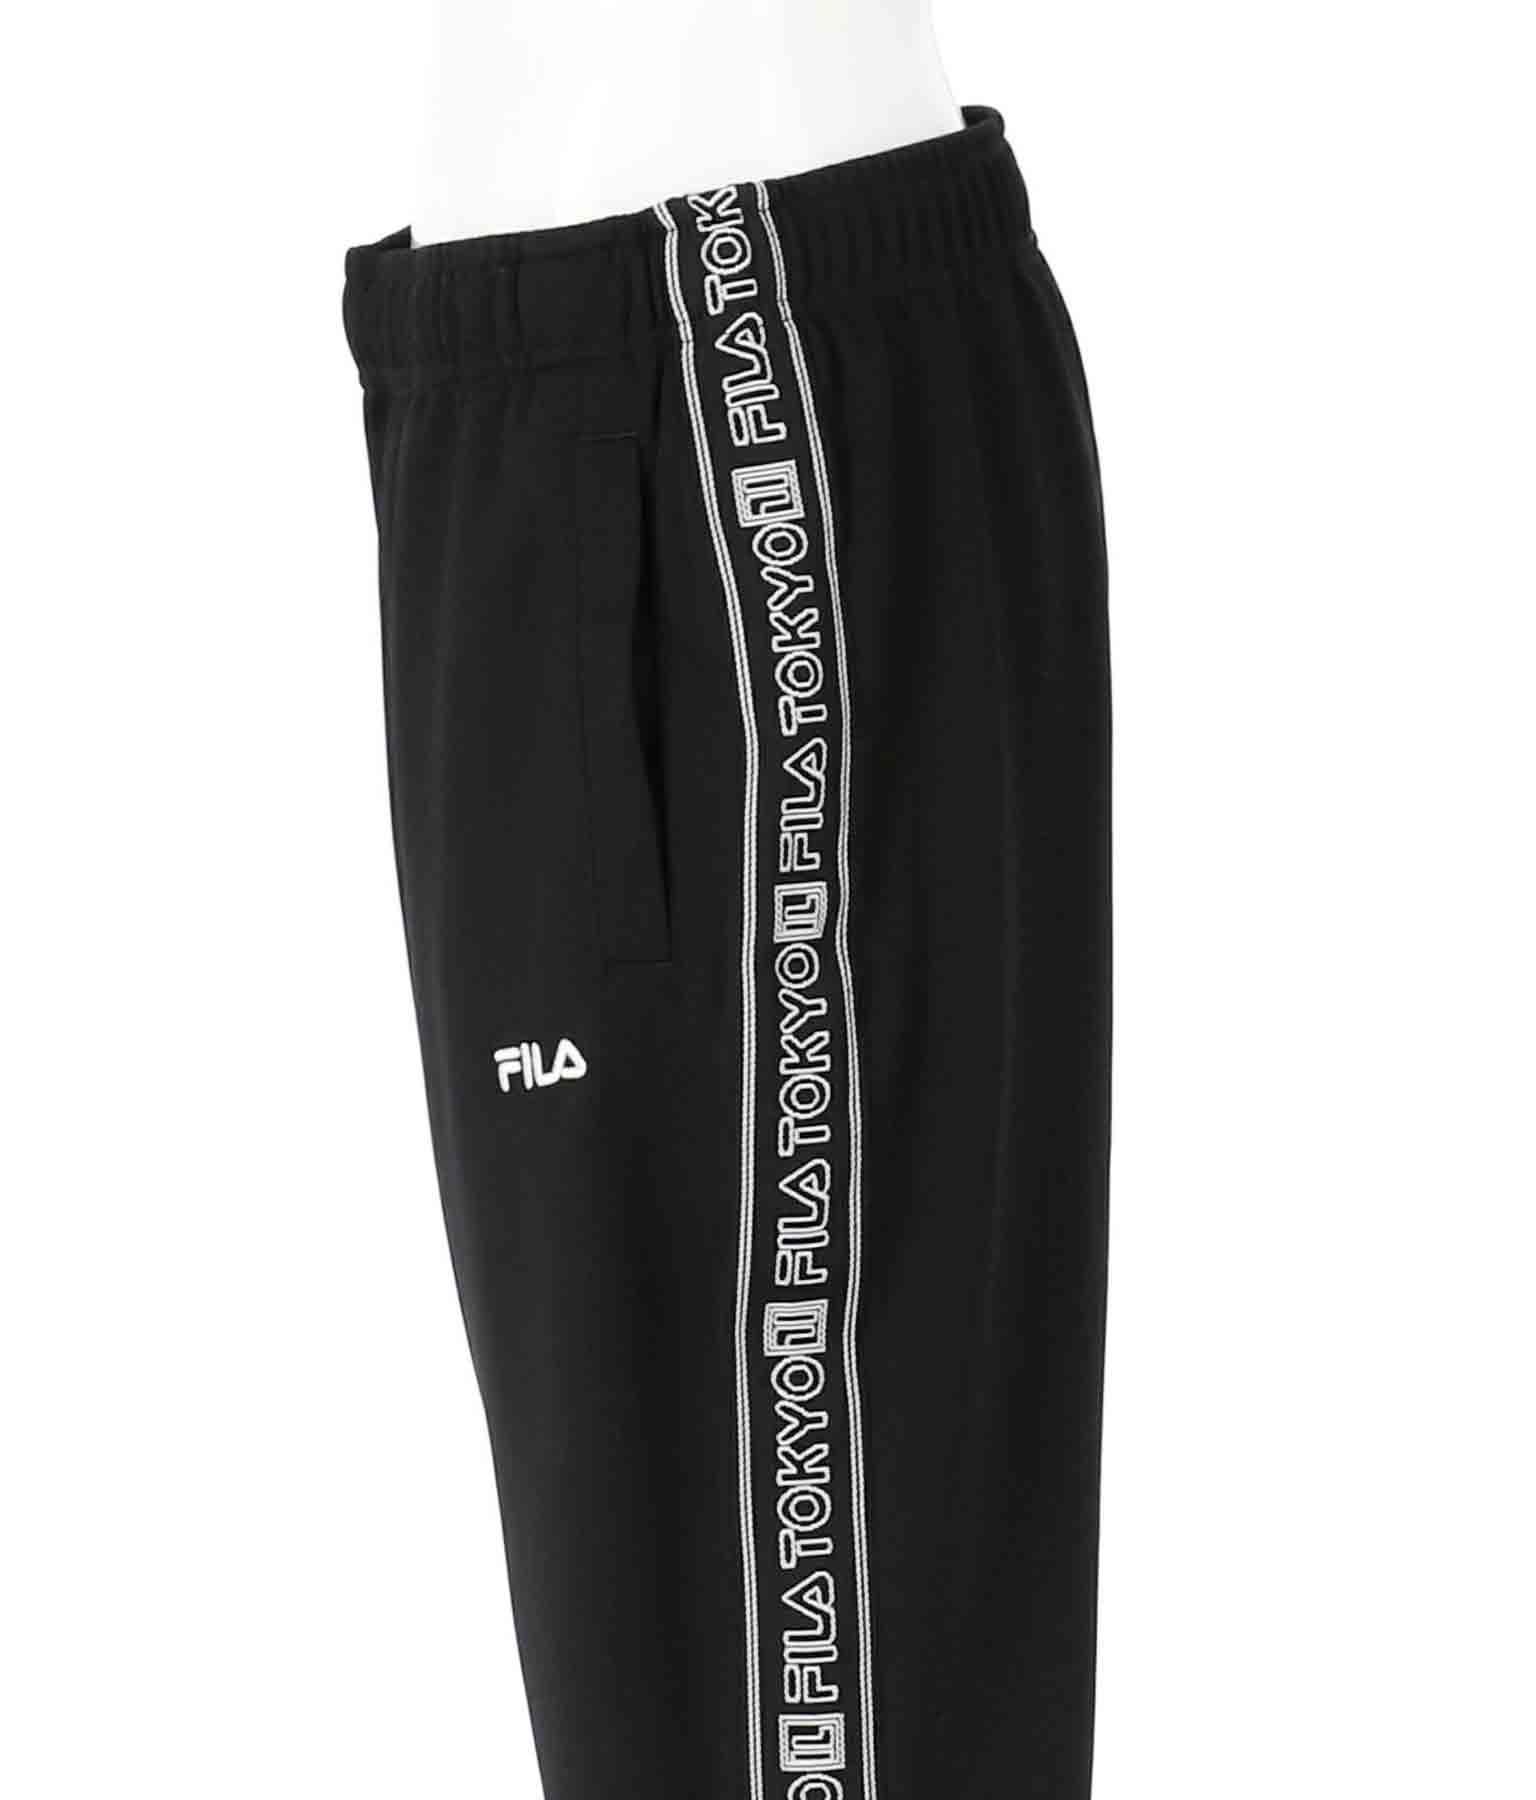 FILA ロゴテープジョガーパンツ(ボトムス・パンツ /ロングパンツ)   FILA